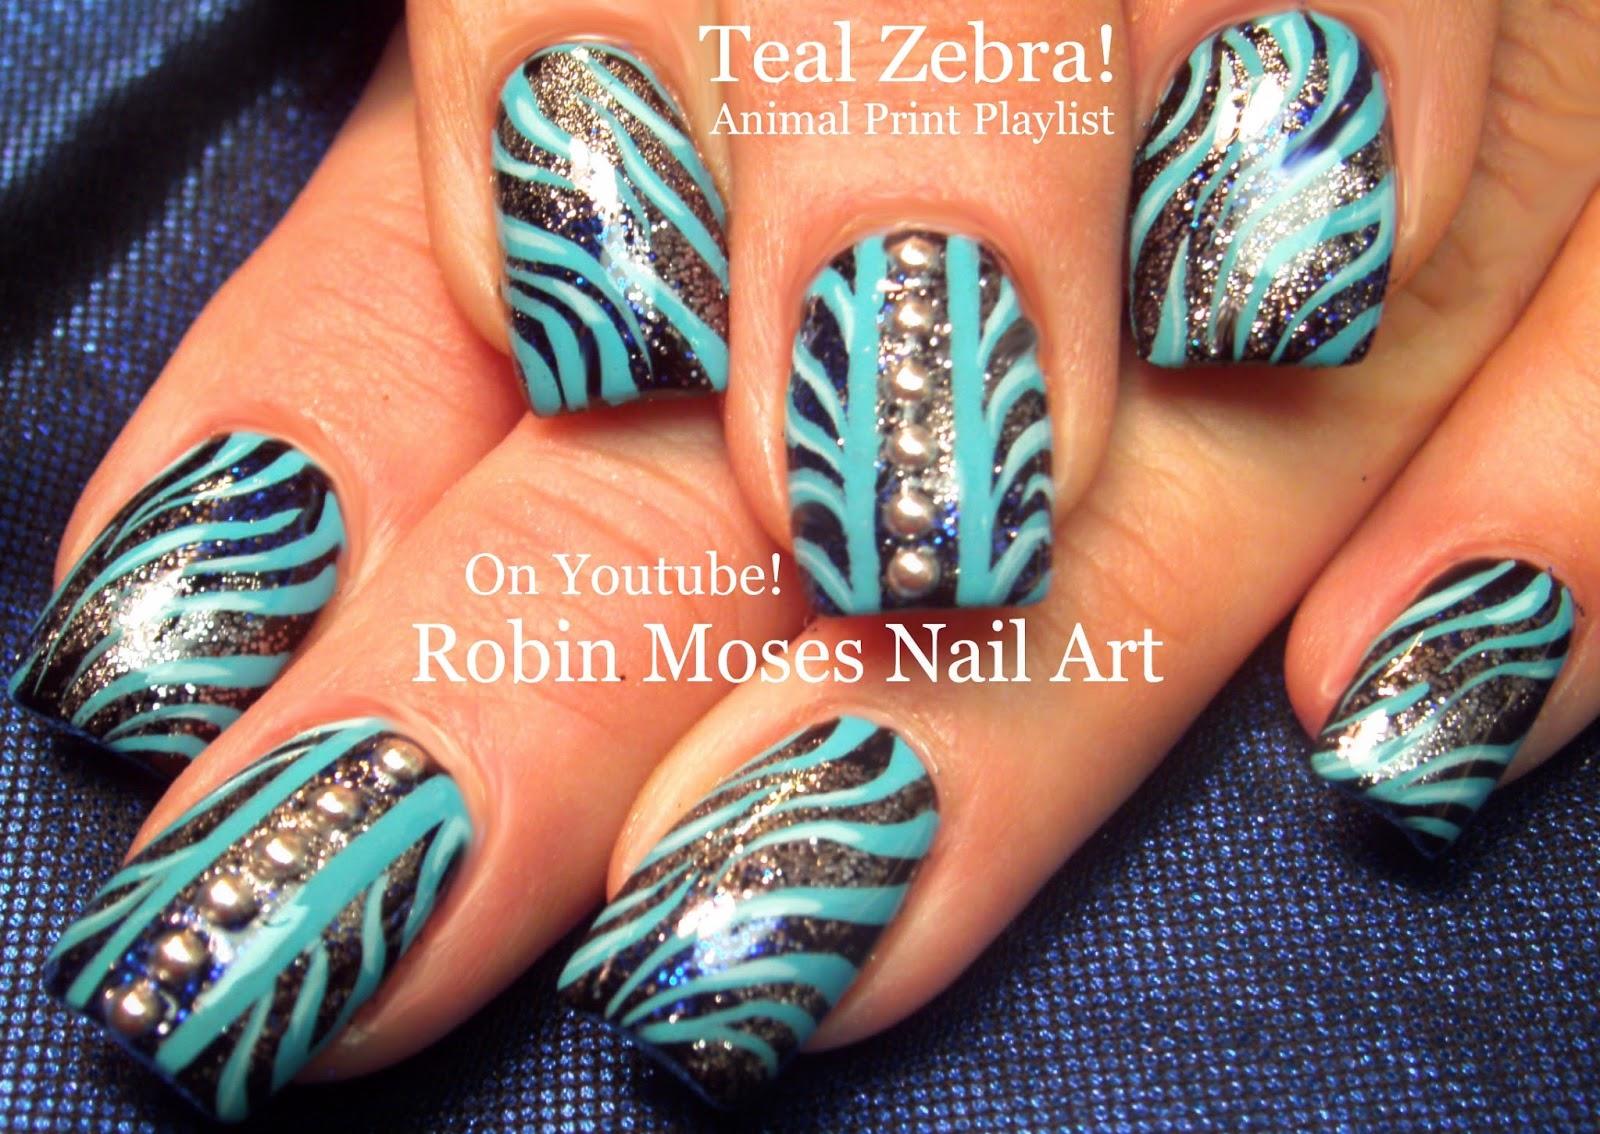 Robin moses nail art zebra print nails animal print nail art zebra print nails animal print nail art animal prints 2016 new animal print fun animal print zebra print nails nail art bling prinsesfo Image collections